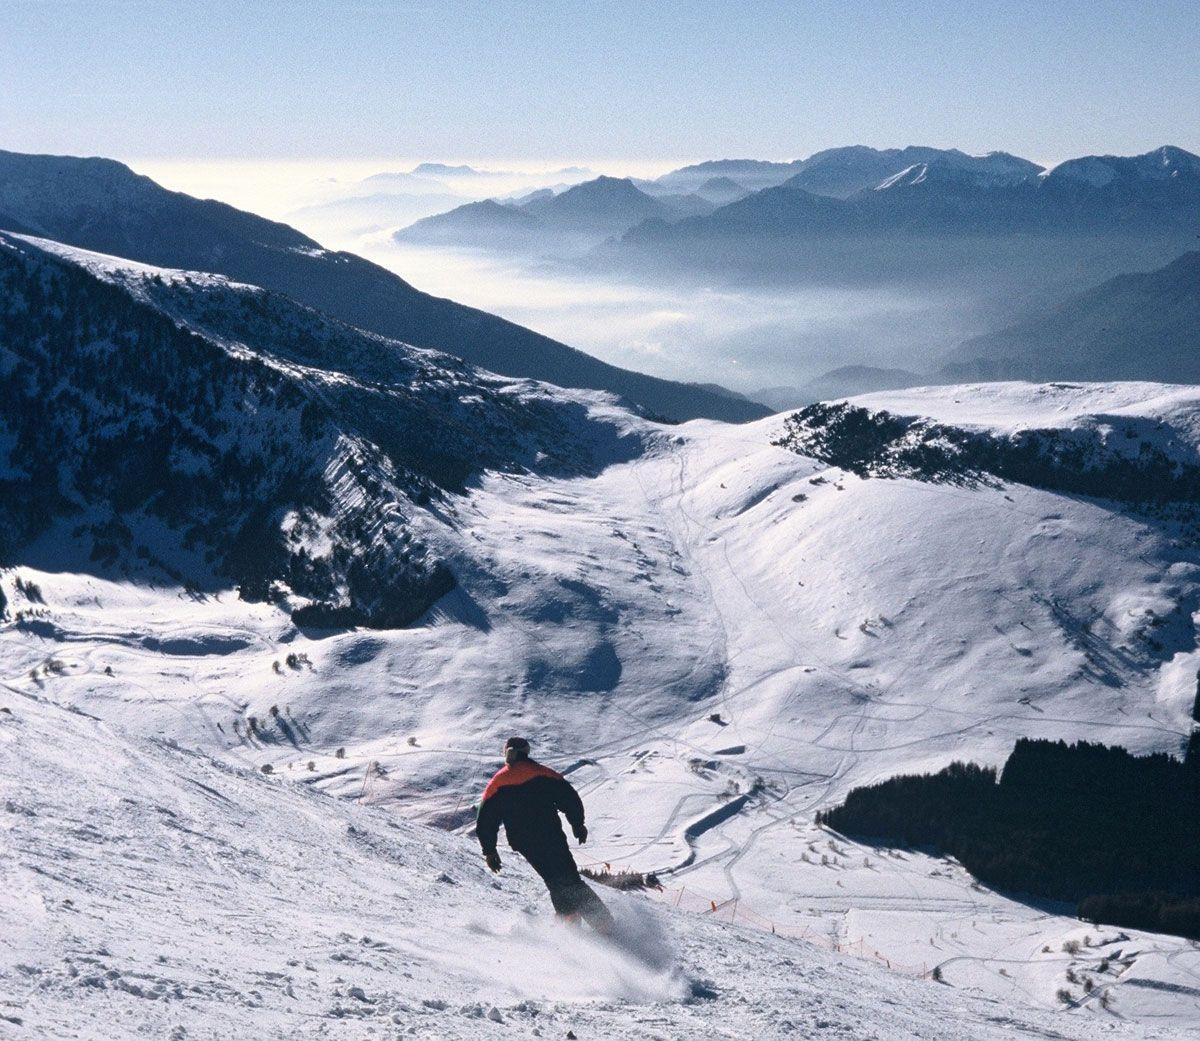 Archivio fotografico APT Trento, Monte Bondone, Valle dei Laghi: foto di R. Magrone